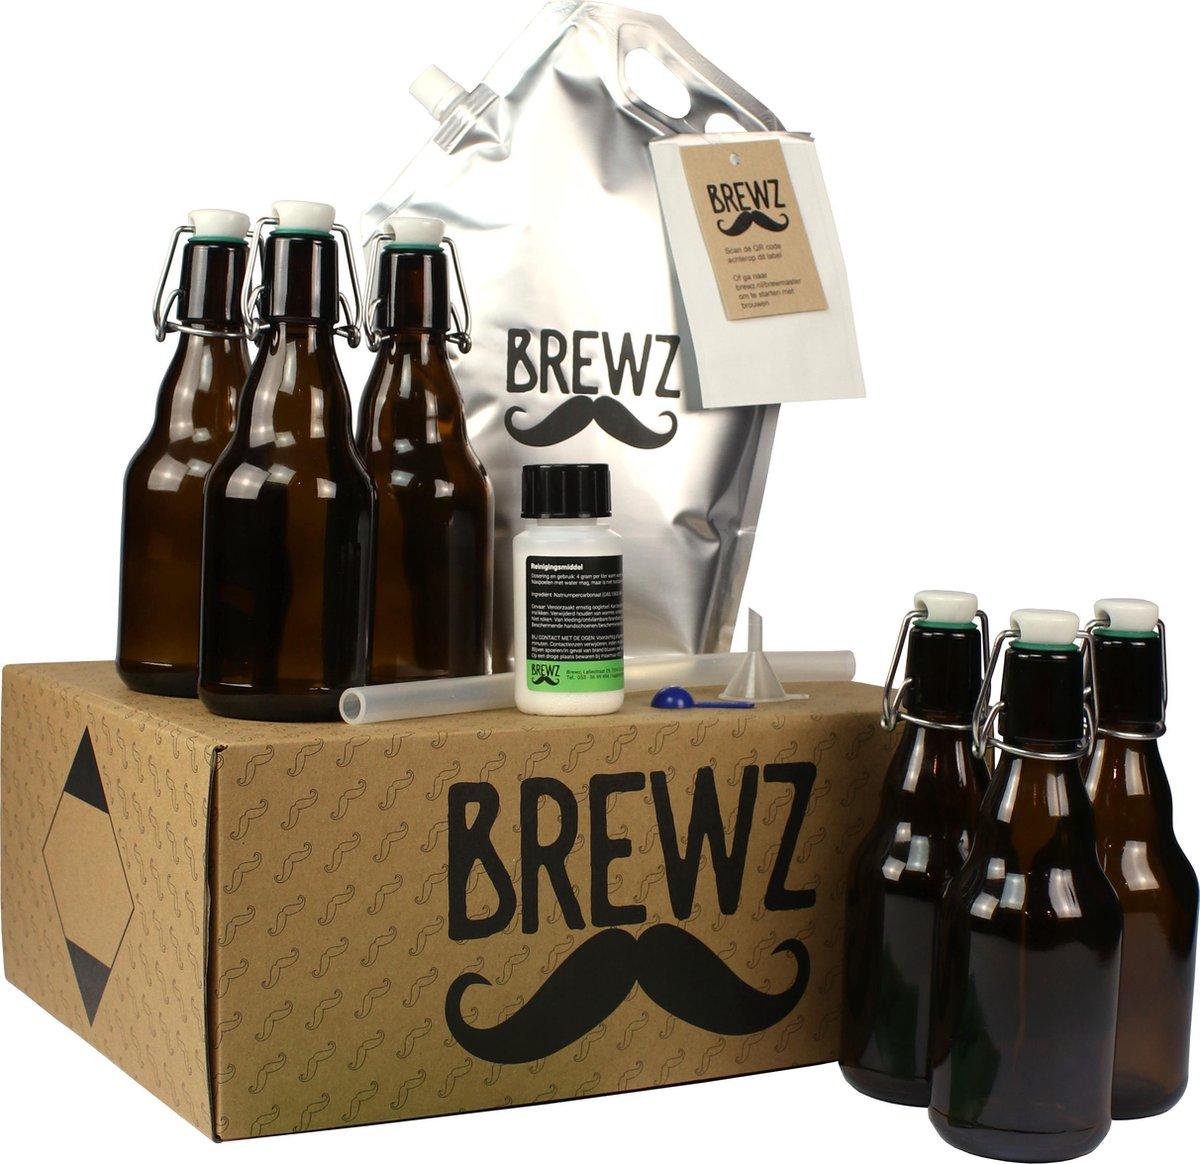 Zelf bier brouwen pakket IPA, inclusief beugelflesjes, etiketten, web-app, video instructie en sms -